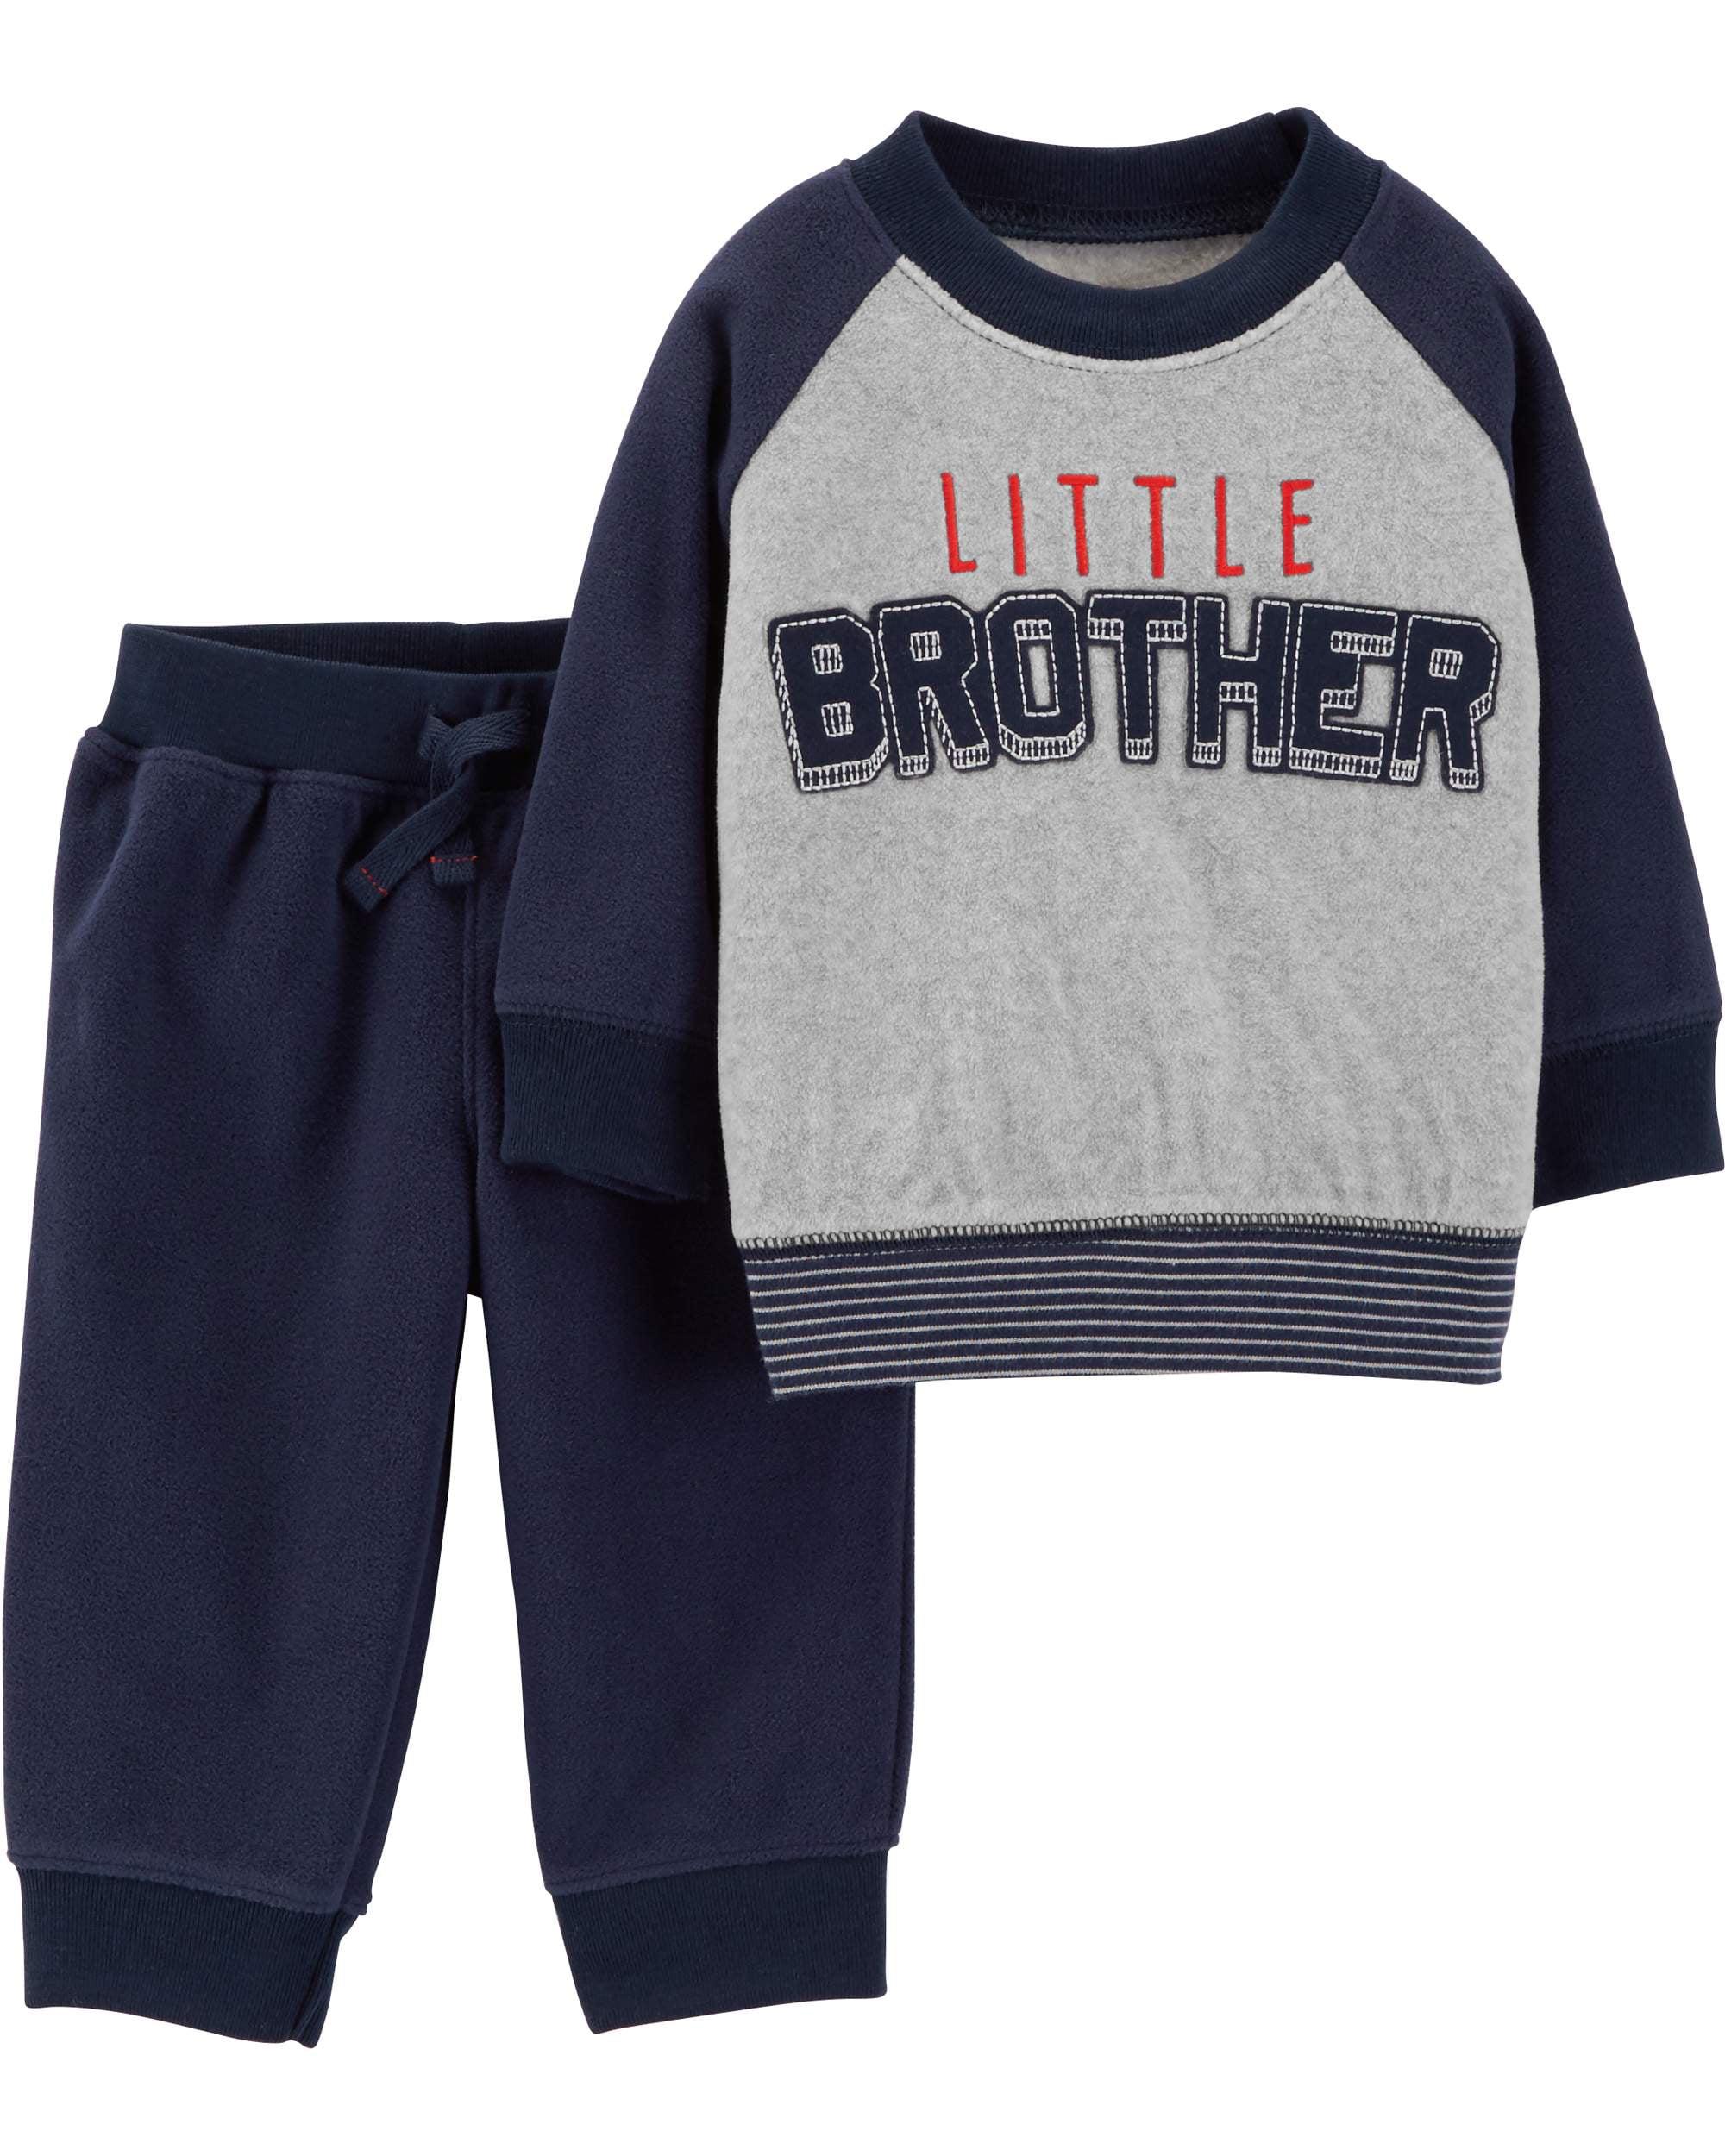 06b6f7df9 Long Sleeve Fleece Top & Jogger Pants, 2-Piece Outfit Set (Toddler Boys)